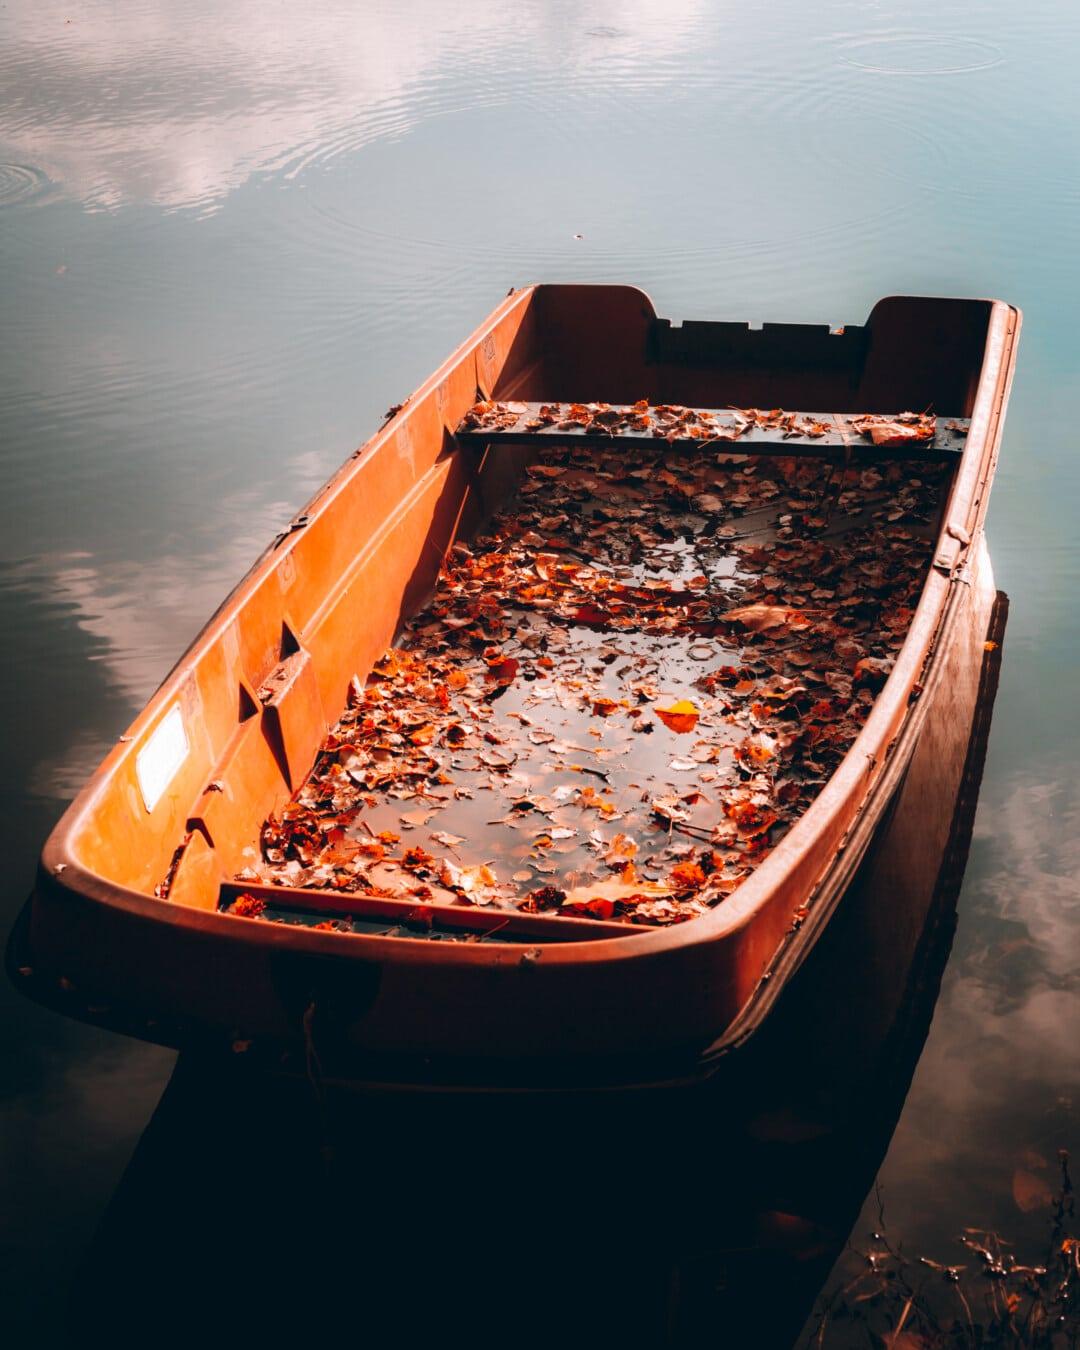 Річка човен, покинуті, човен, пластикові, осінній сезон, води, транспортний засіб, Водний транспорт, люди, світло